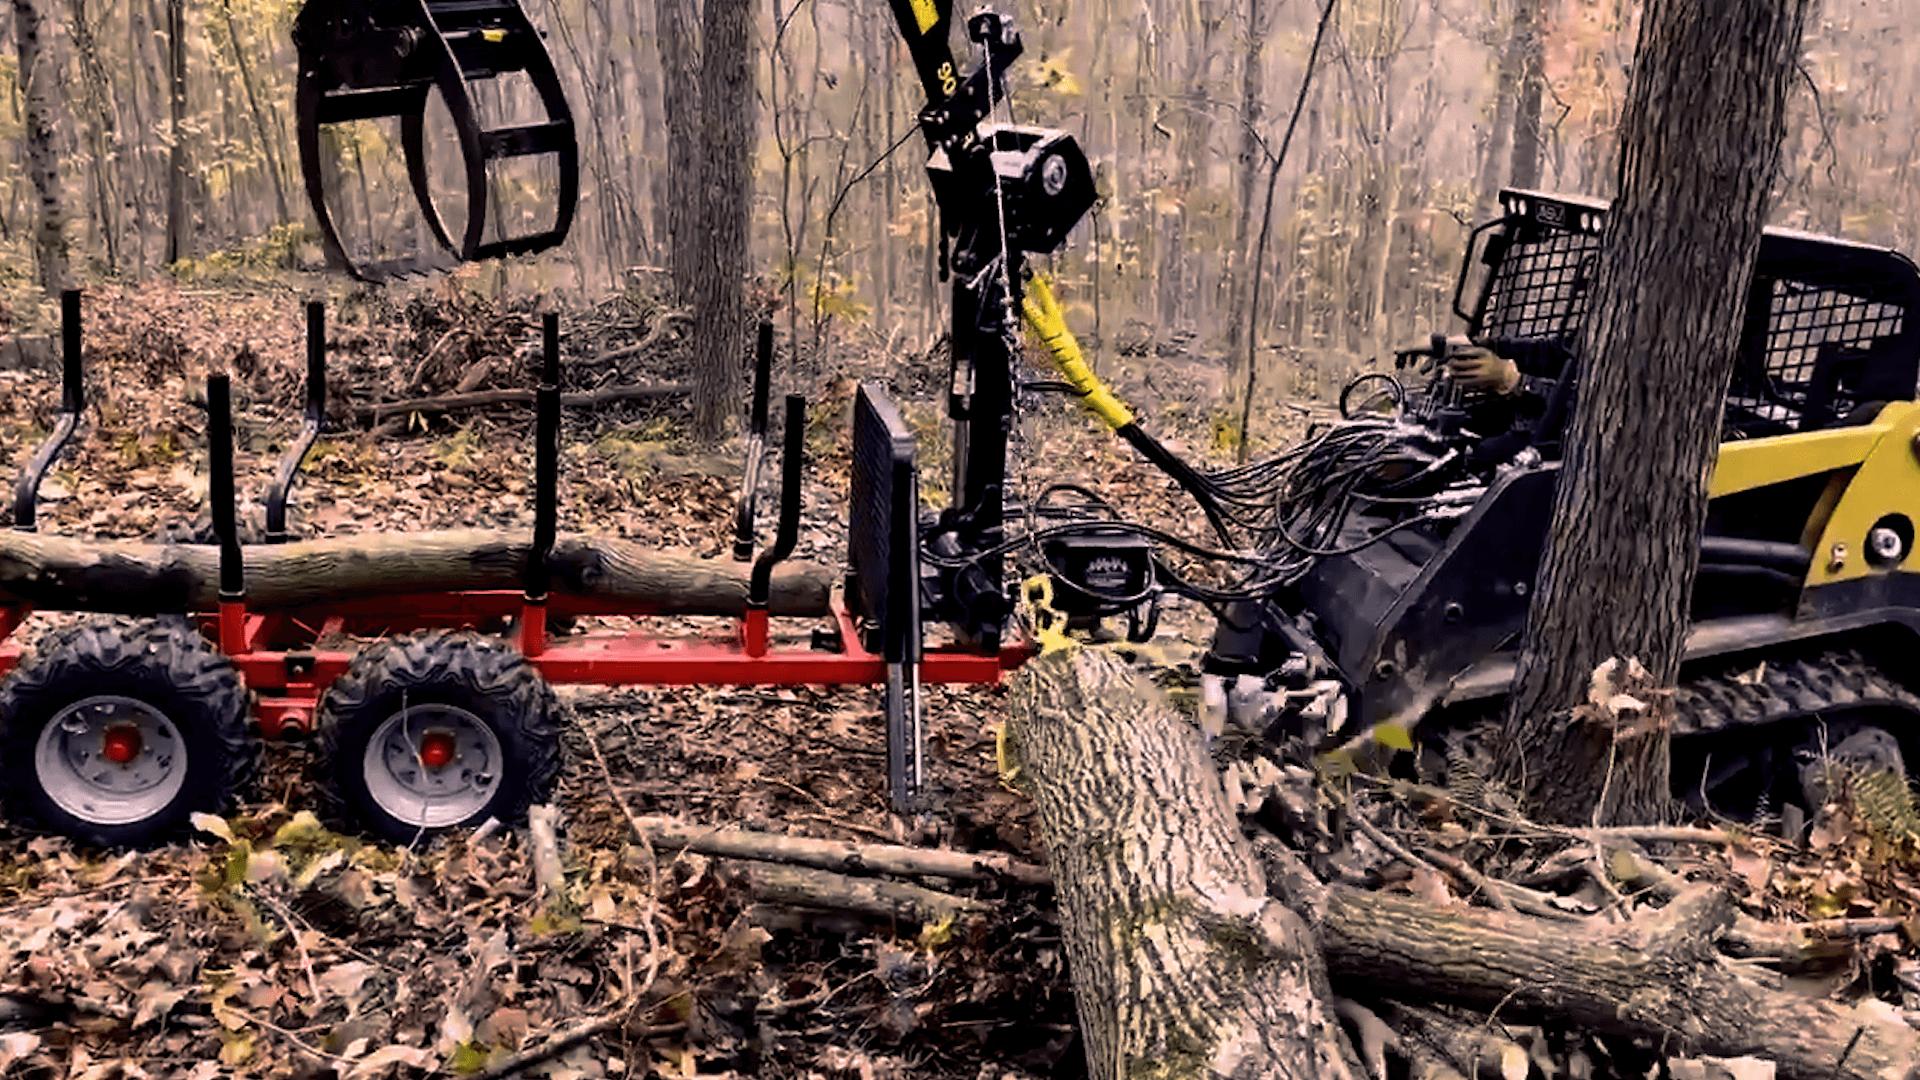 900R ATV logging forestry trailer 900SR loader loader with winch